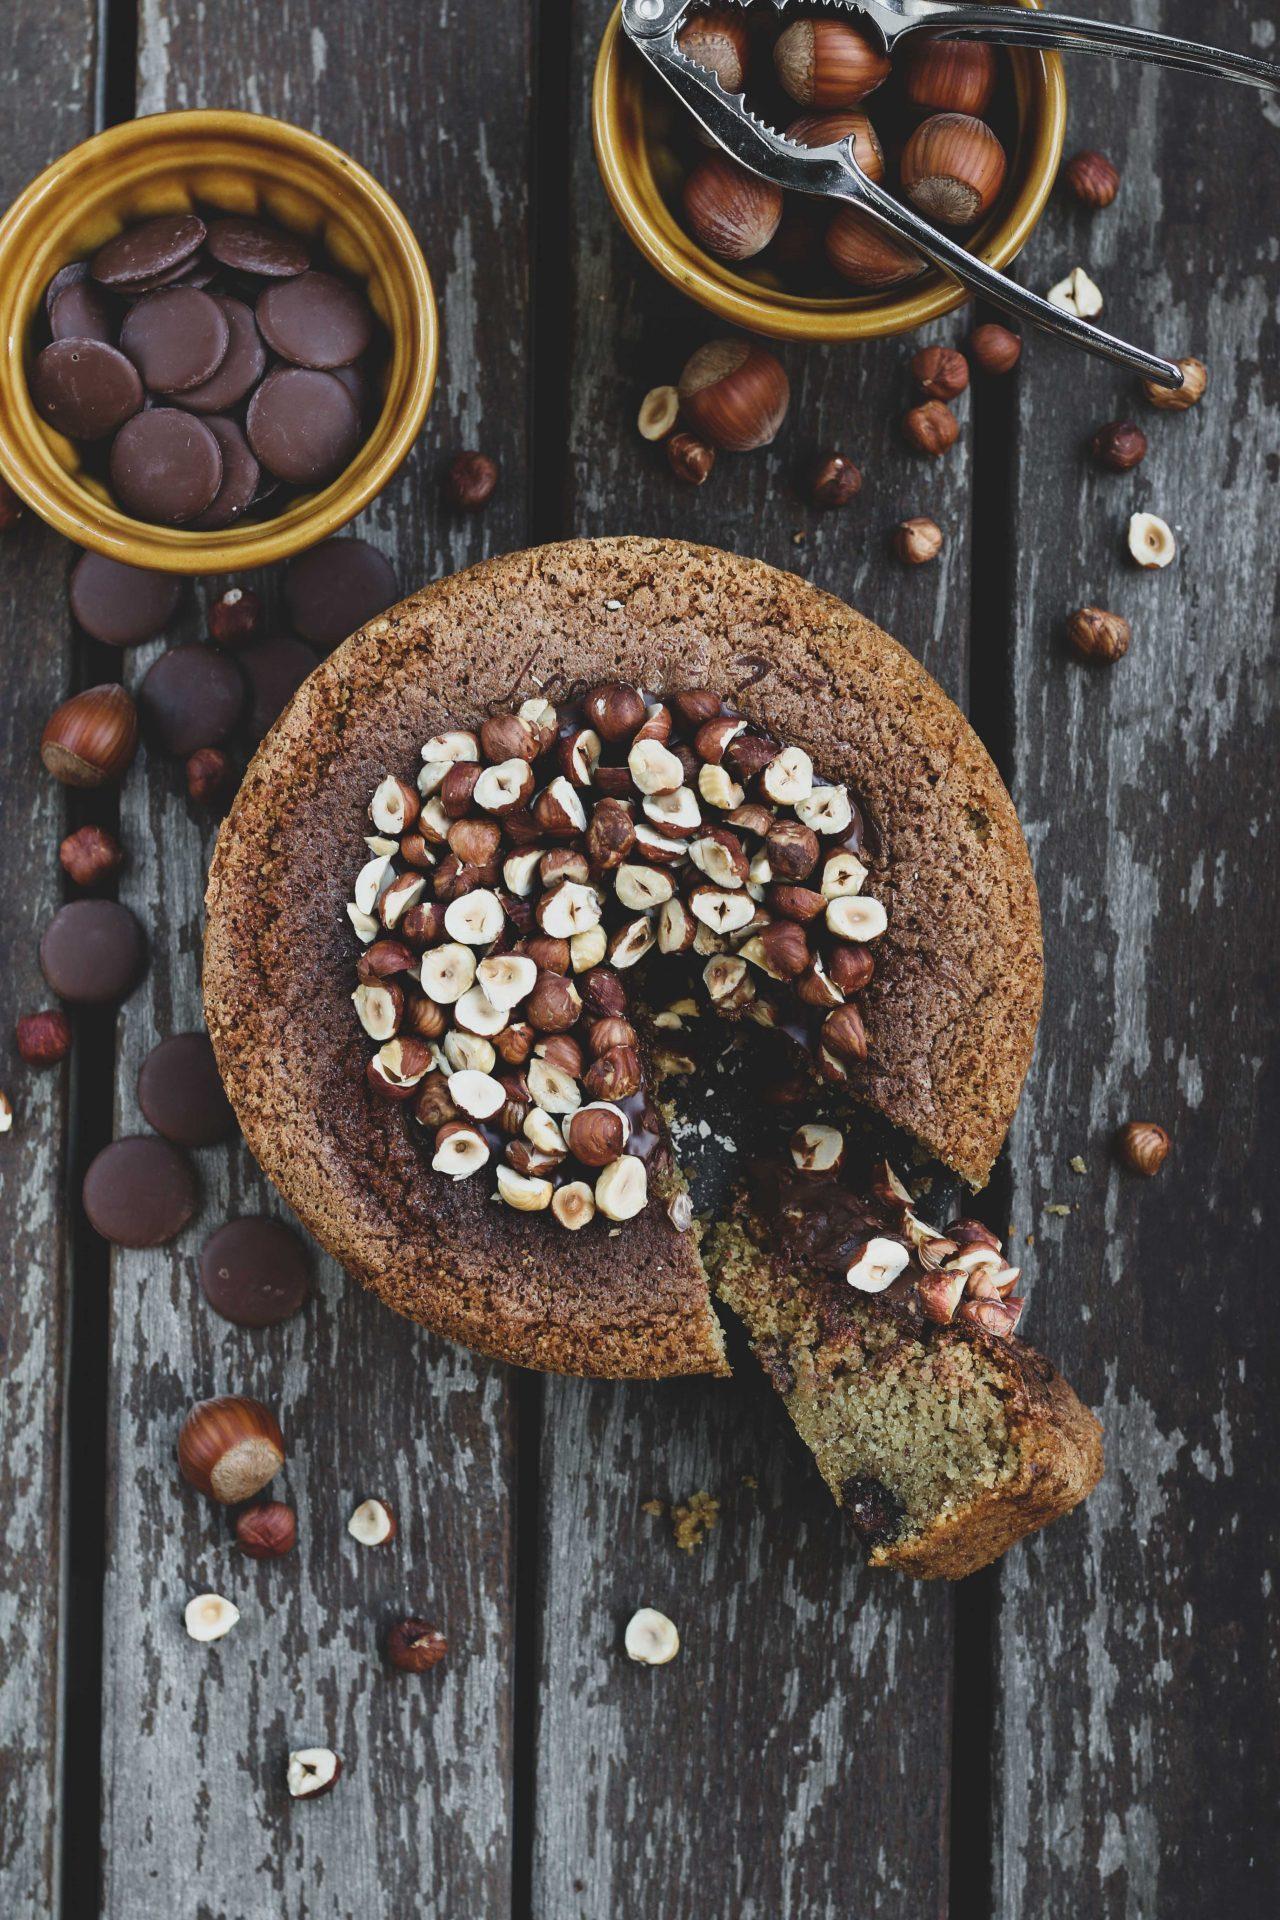 GLUTEN FREE MOIST HAZELNUT CAKE WITH CHOCOLATE HAZELNUT SPREAD